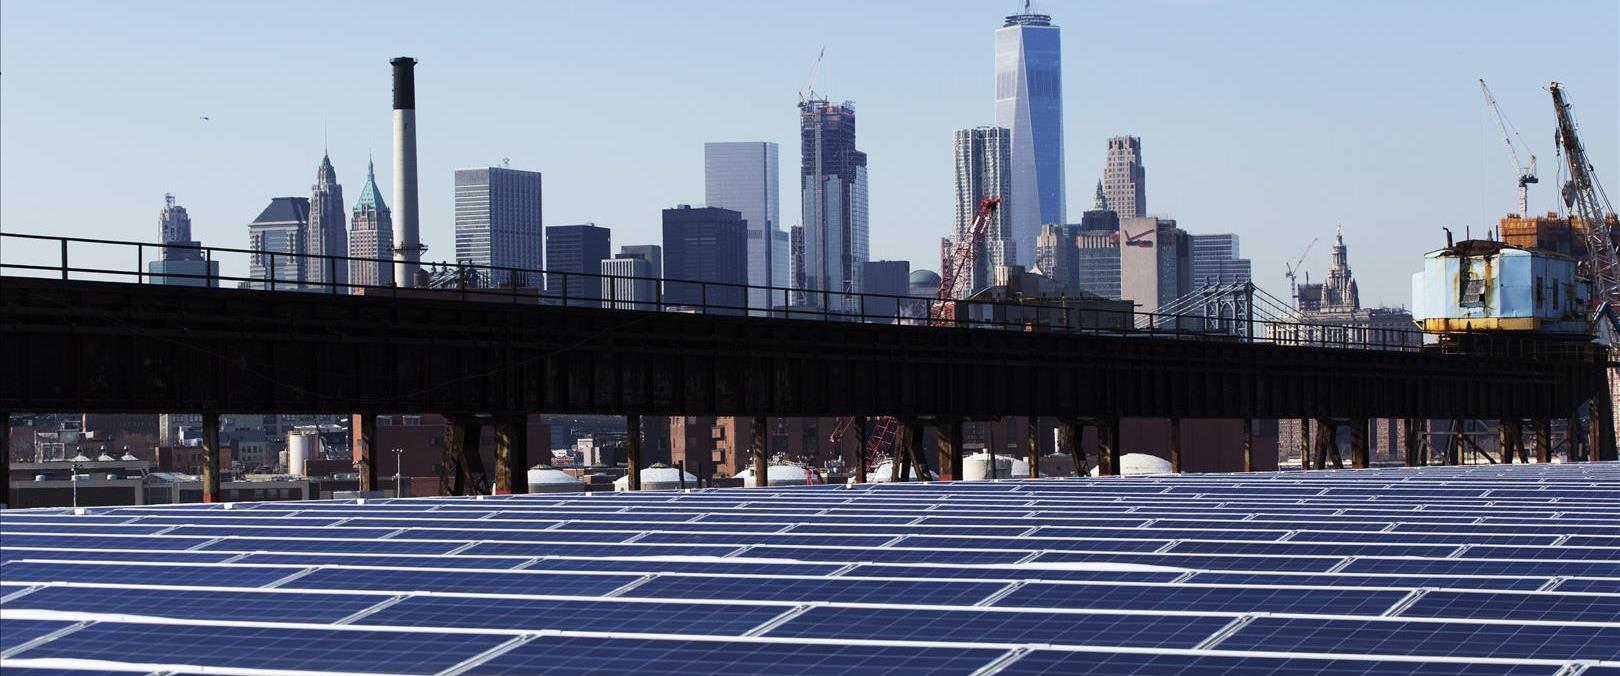 אנרגיה שיתופית בניו יורק